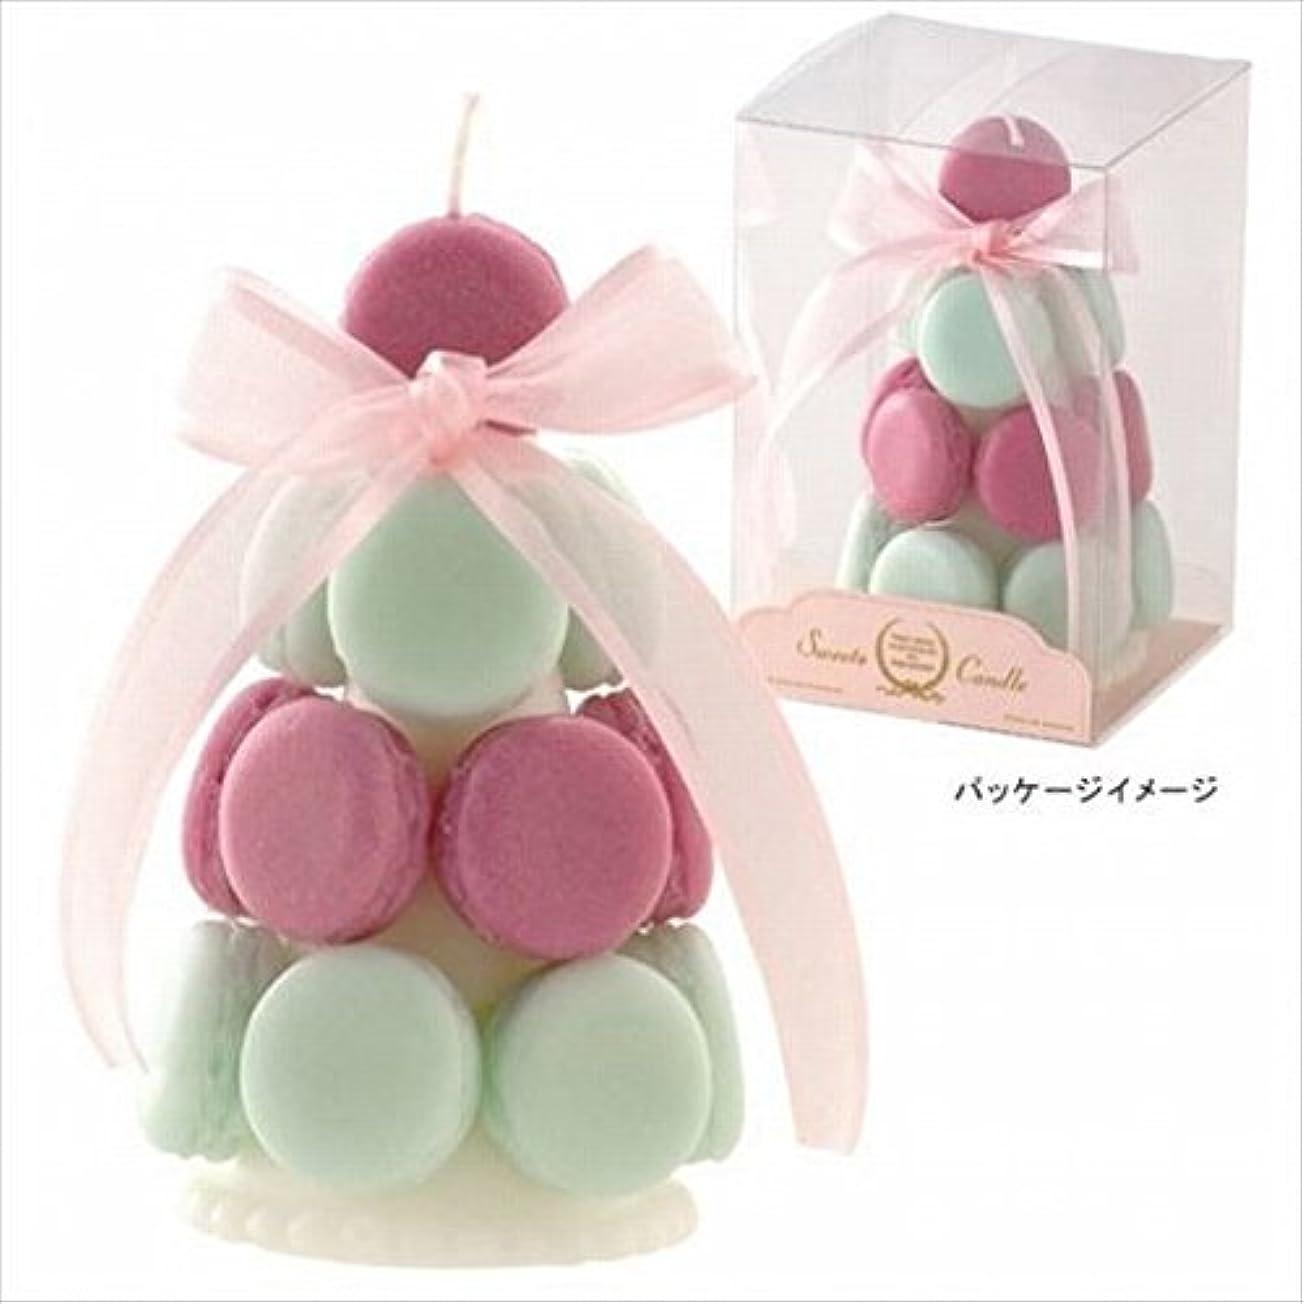 中庭歯科医エンディングkameyama candle(カメヤマキャンドル) ハッピーマカロンタワー 「 メロングリーン 」(A4580520)